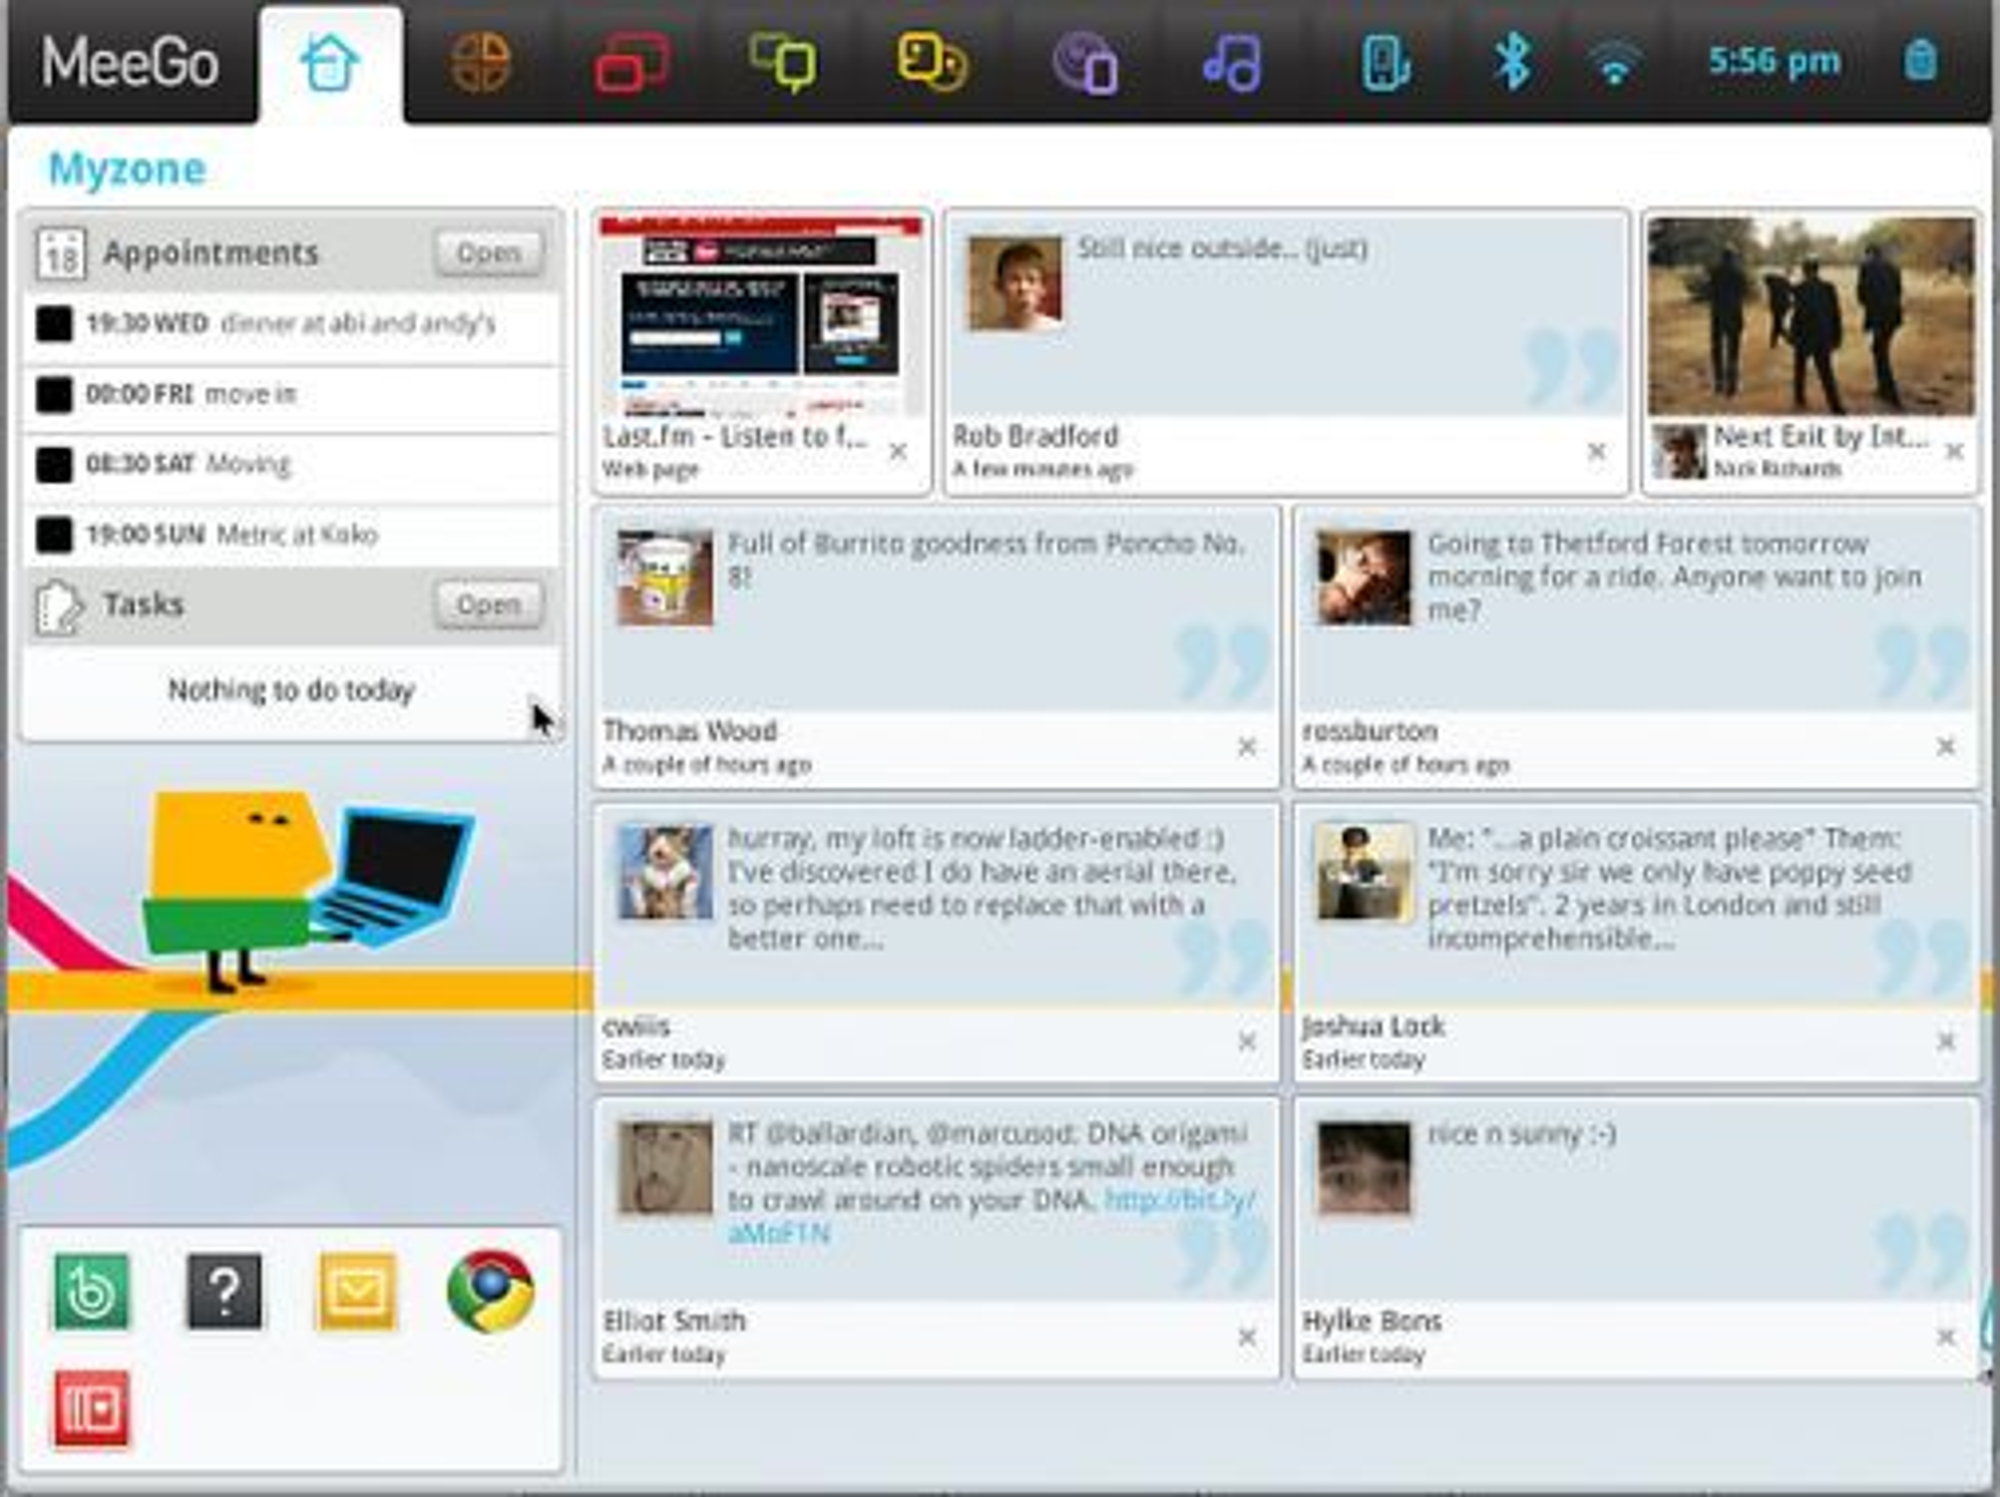 Myzone-delen av brukergrensesnittet til MeeGo 1.0 for Netbook.